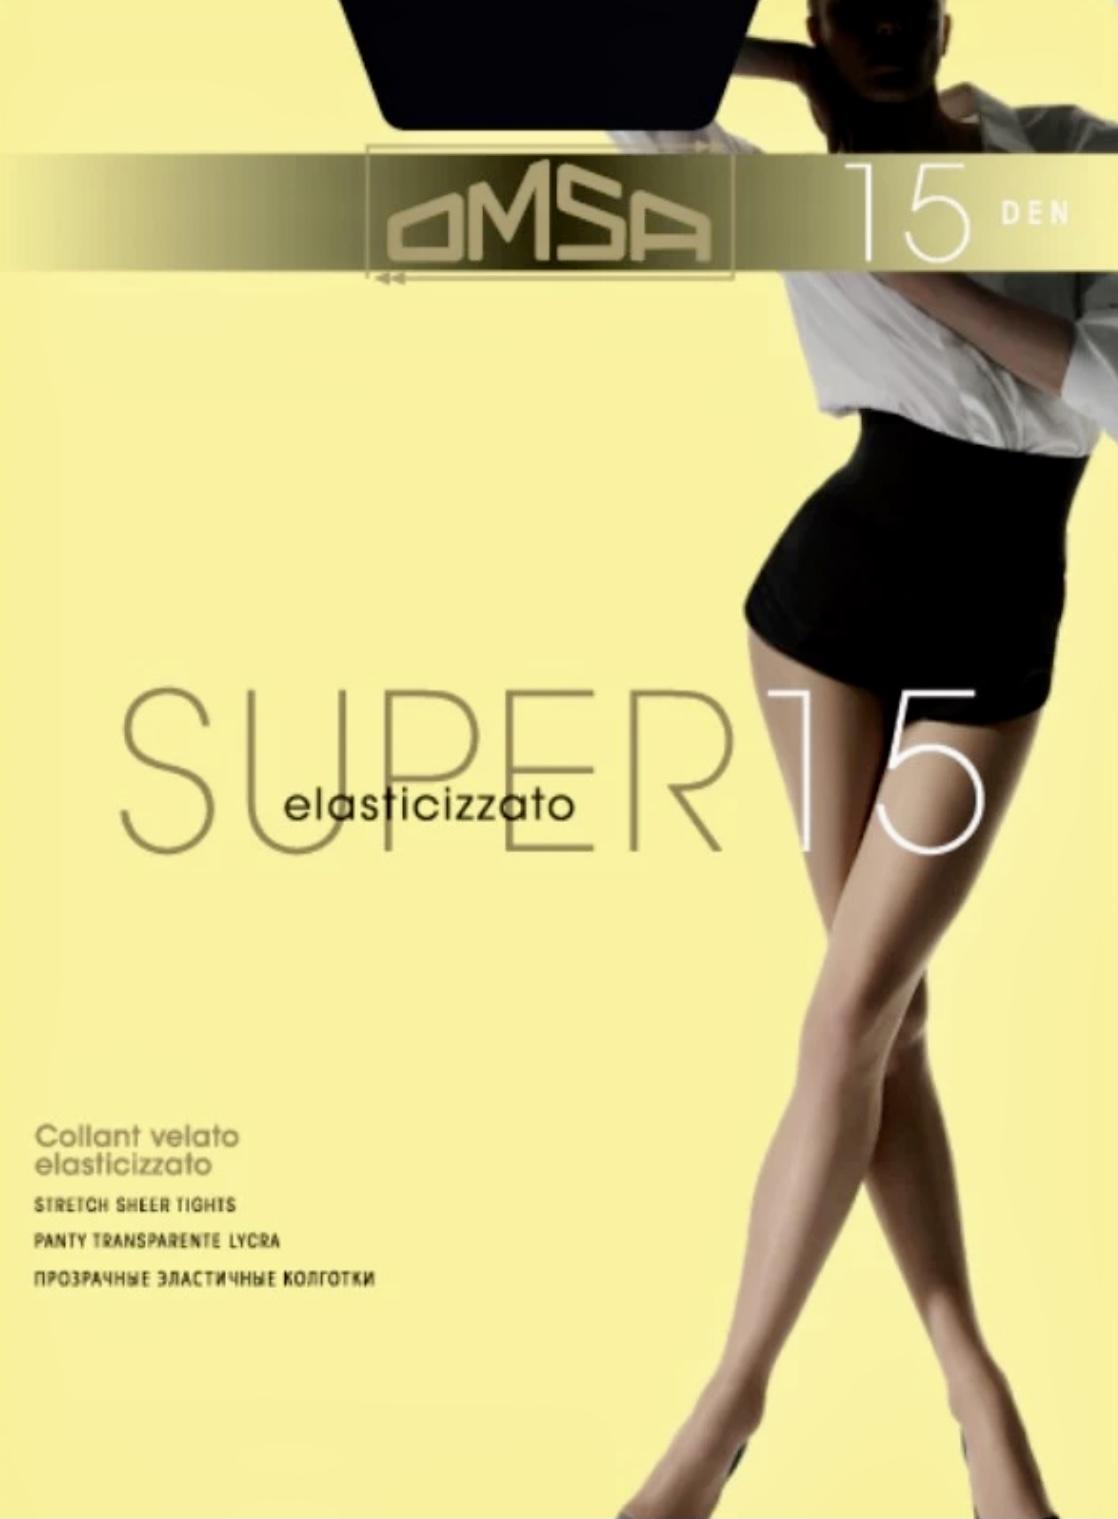 Καλσόν Omsa Super 15D - Daino - Ηλιοκαμμένο - Καθημερινή Χρήση